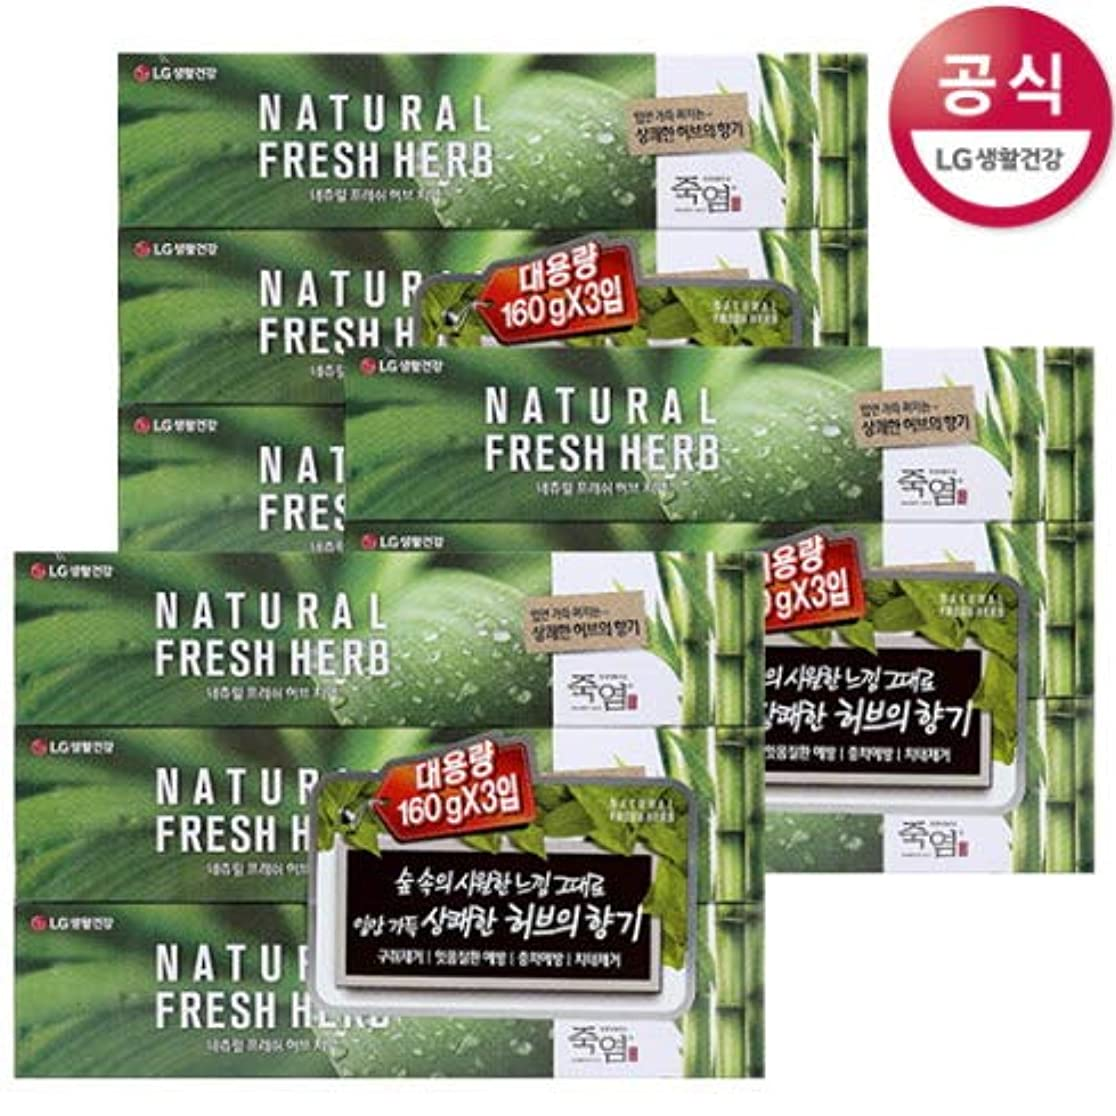 やめる酸っぱい招待[LG HnB] Bamboo Salt Natural Fresh Herbal Toothpaste/竹塩ナチュラルフレッシュハーブ歯磨き粉 160gx9個(海外直送品)